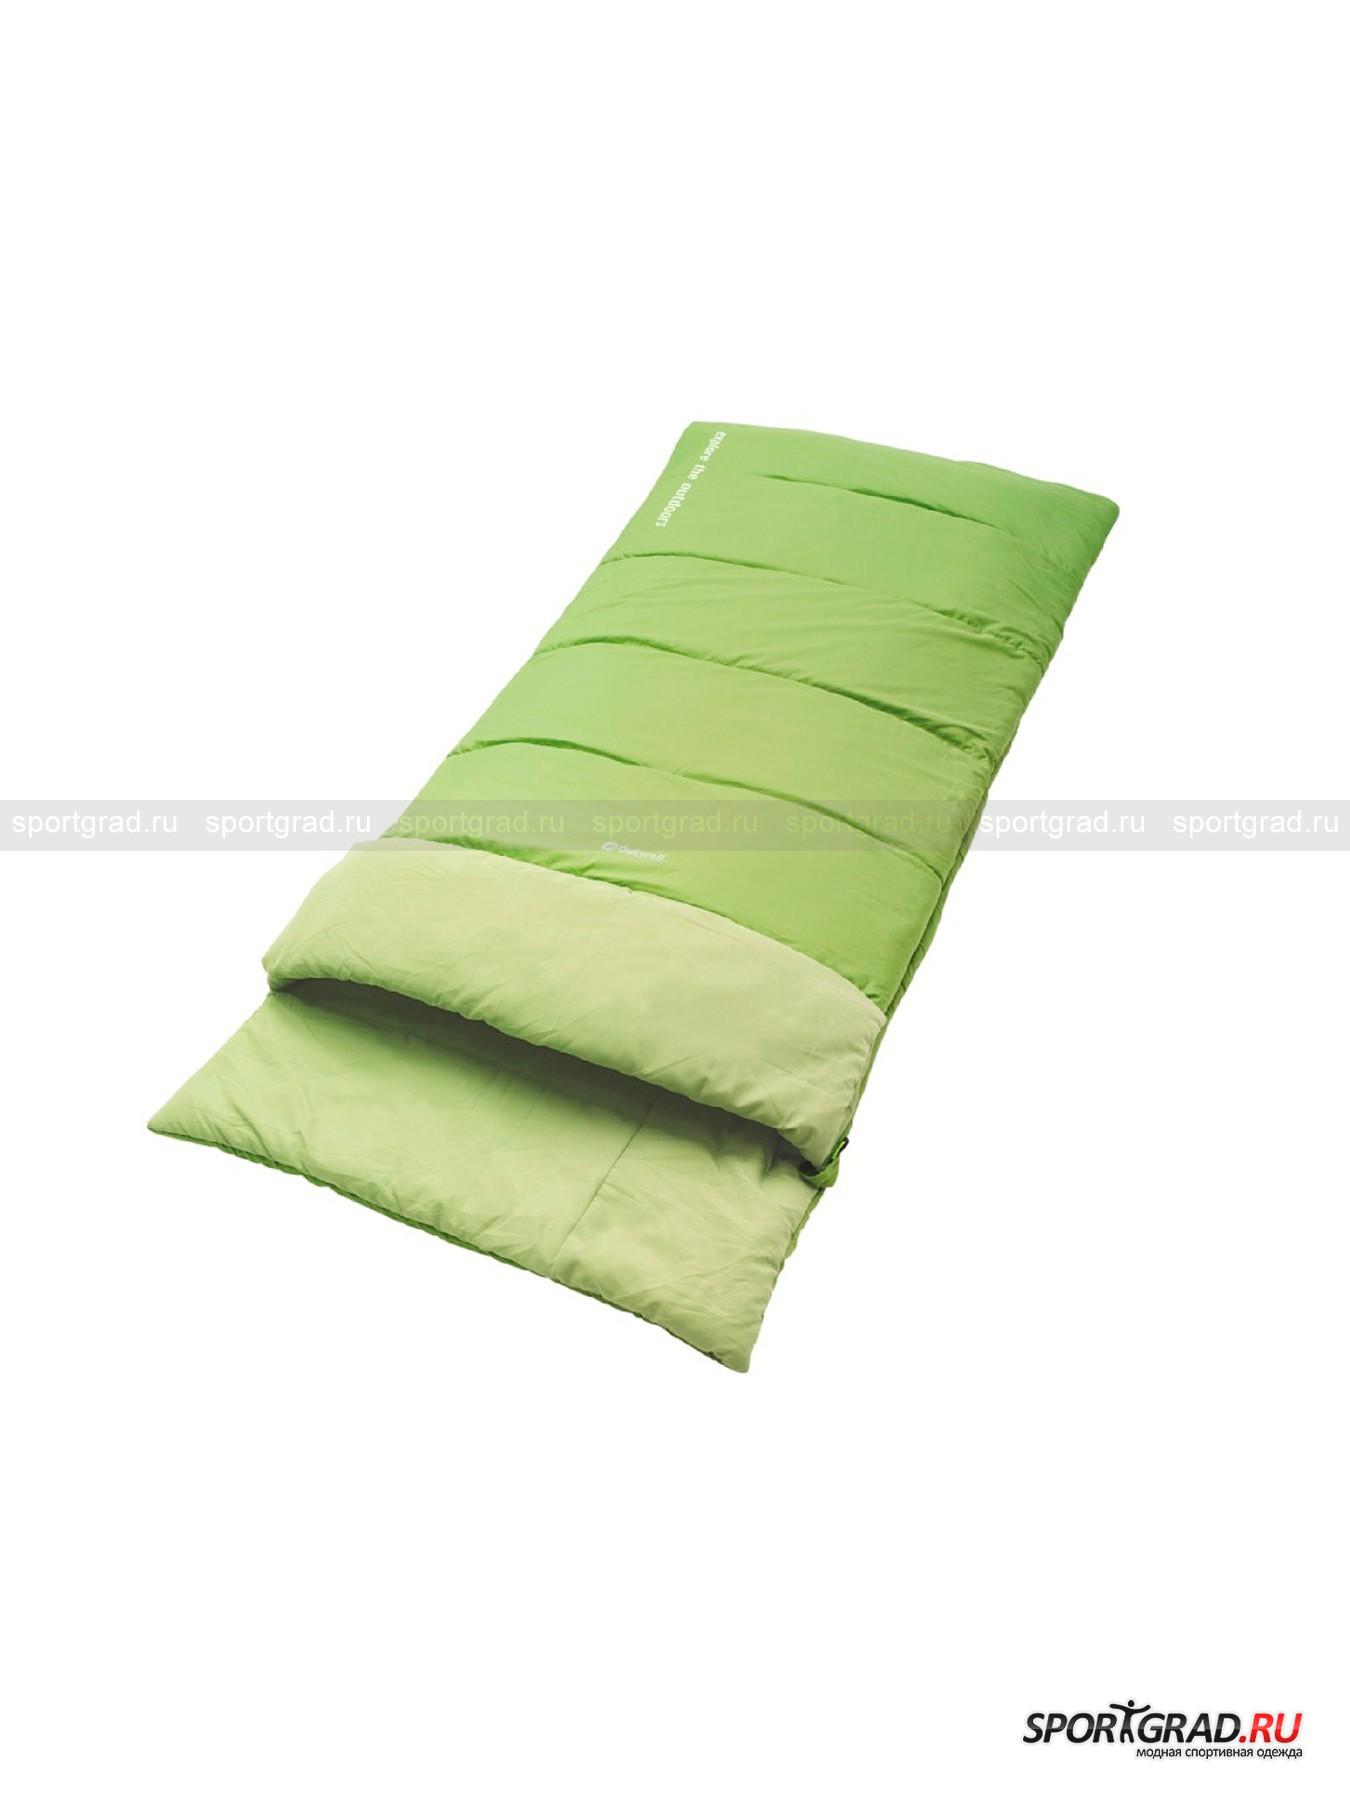 Мешок спальный Cedar 1800 OUTWELL от Спортград